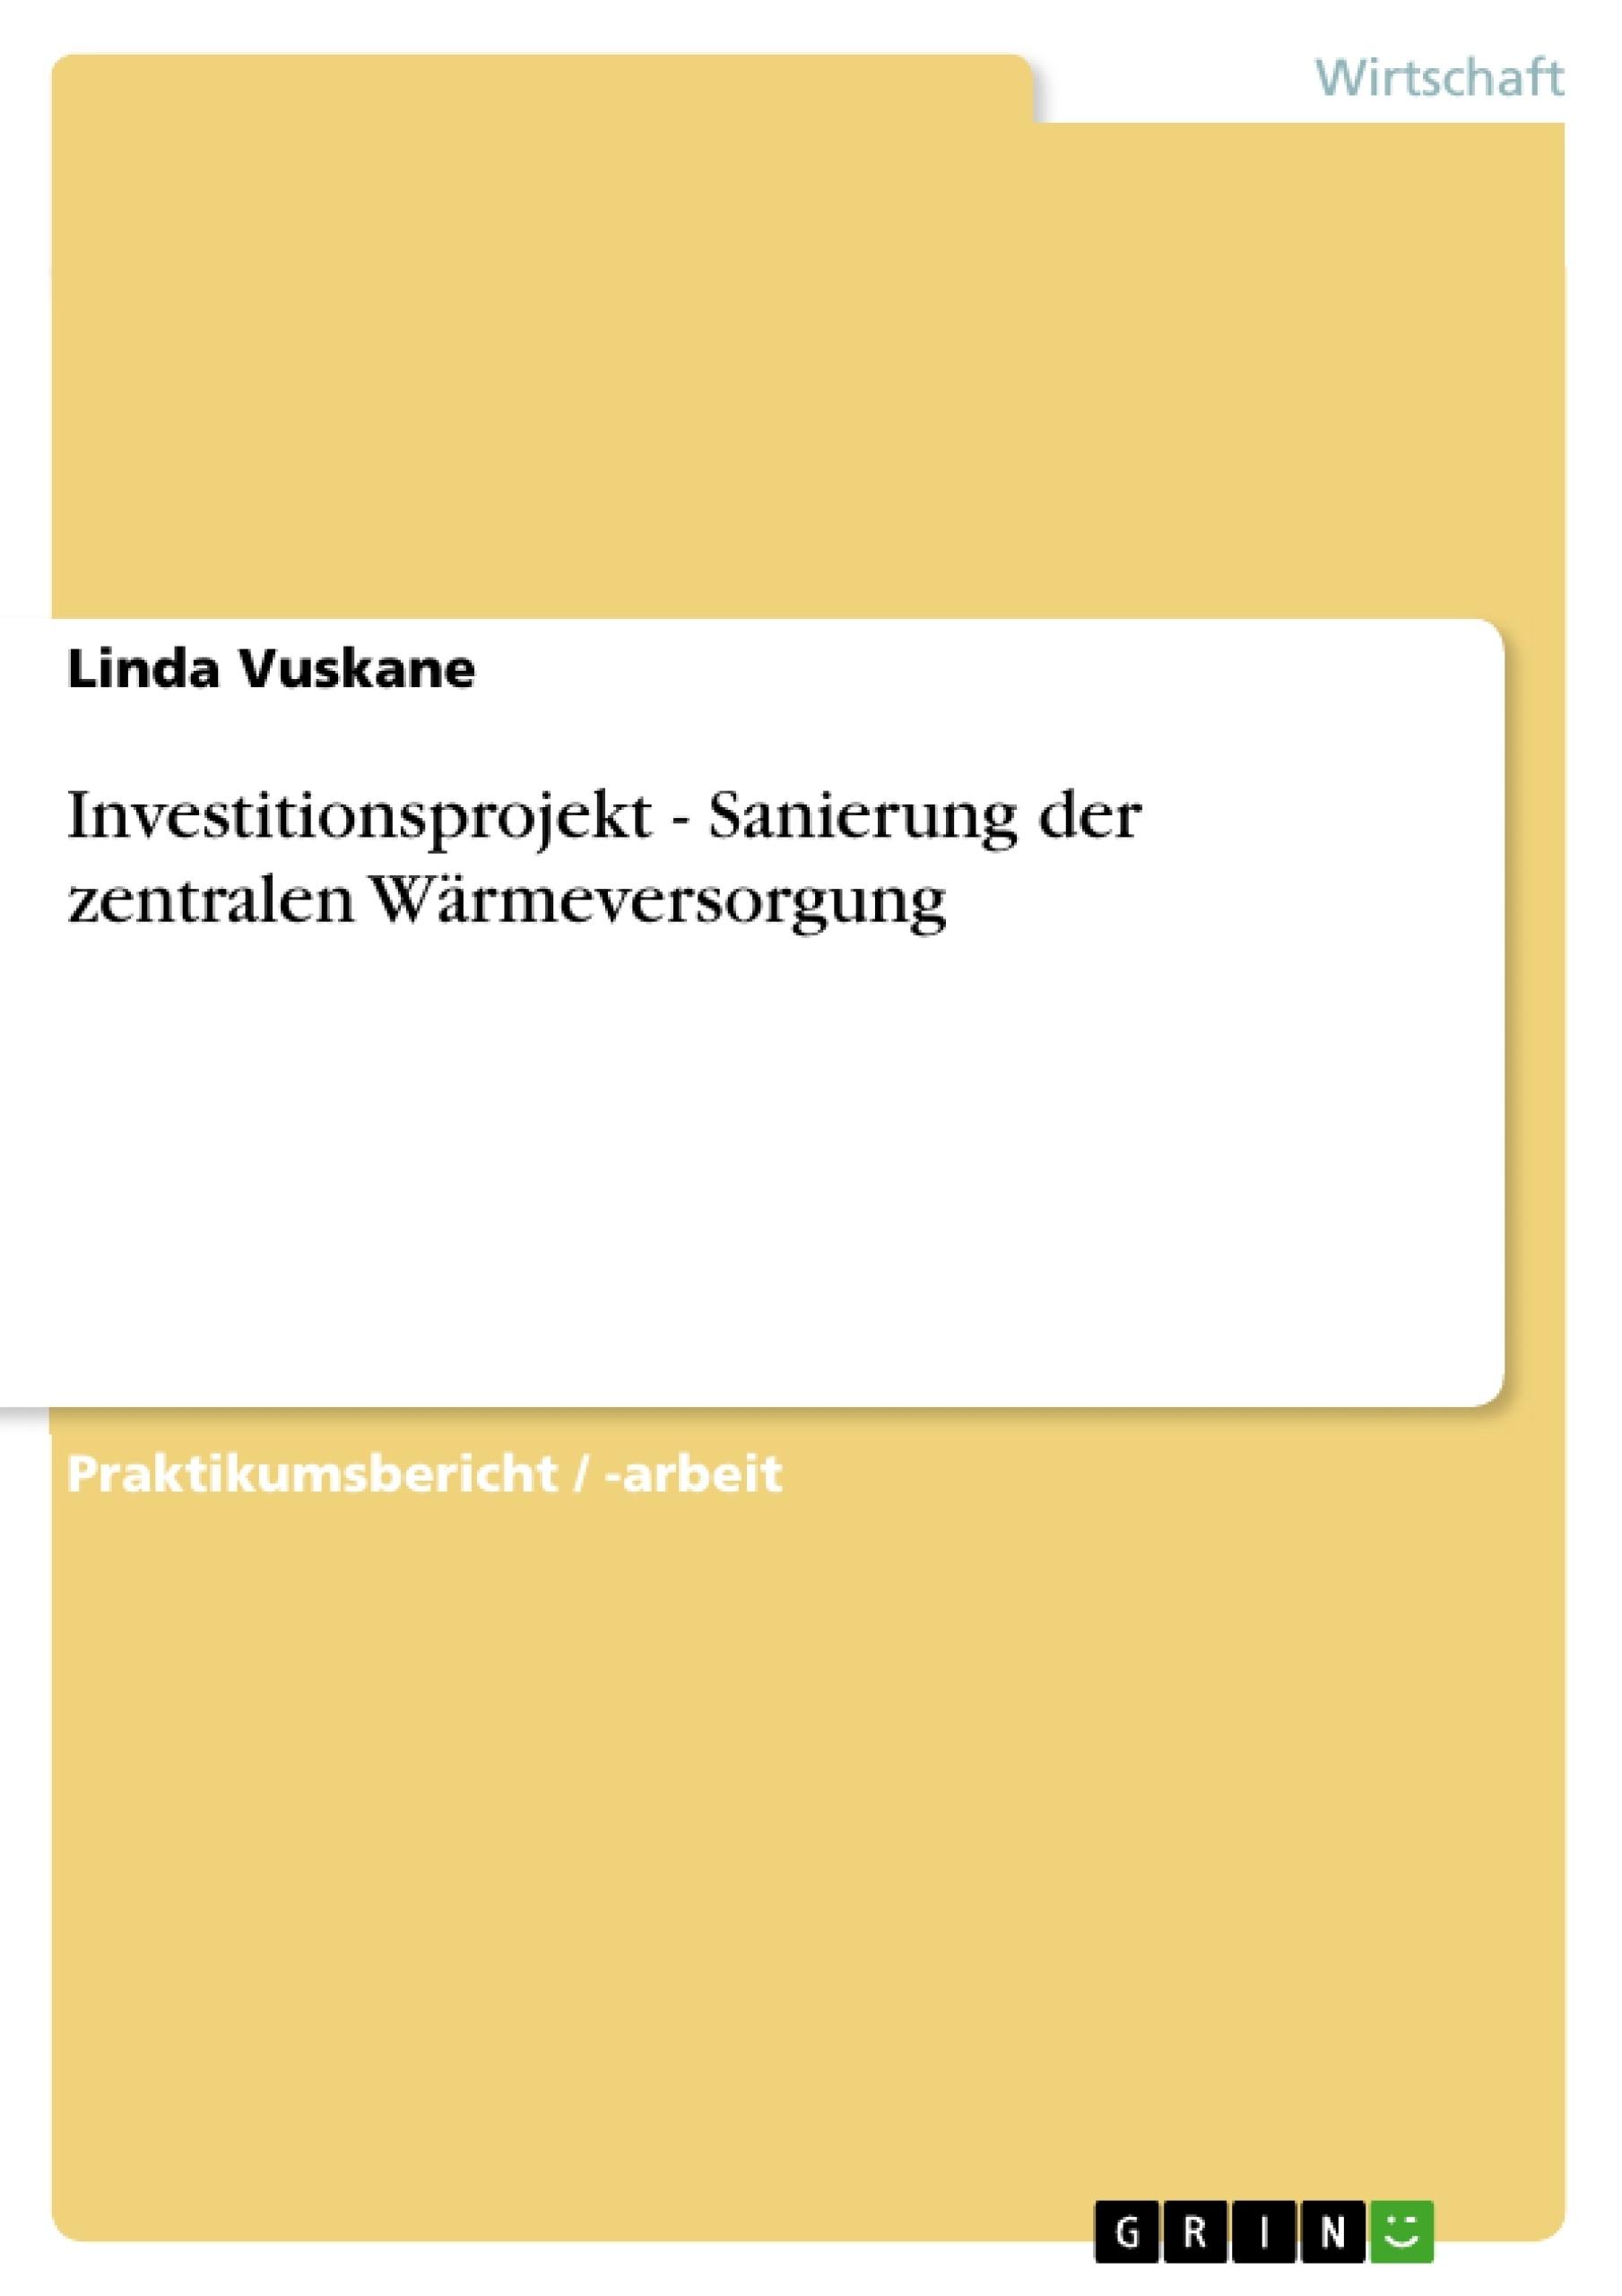 Titel: Investitionsprojekt - Sanierung der zentralen Wärmeversorgung